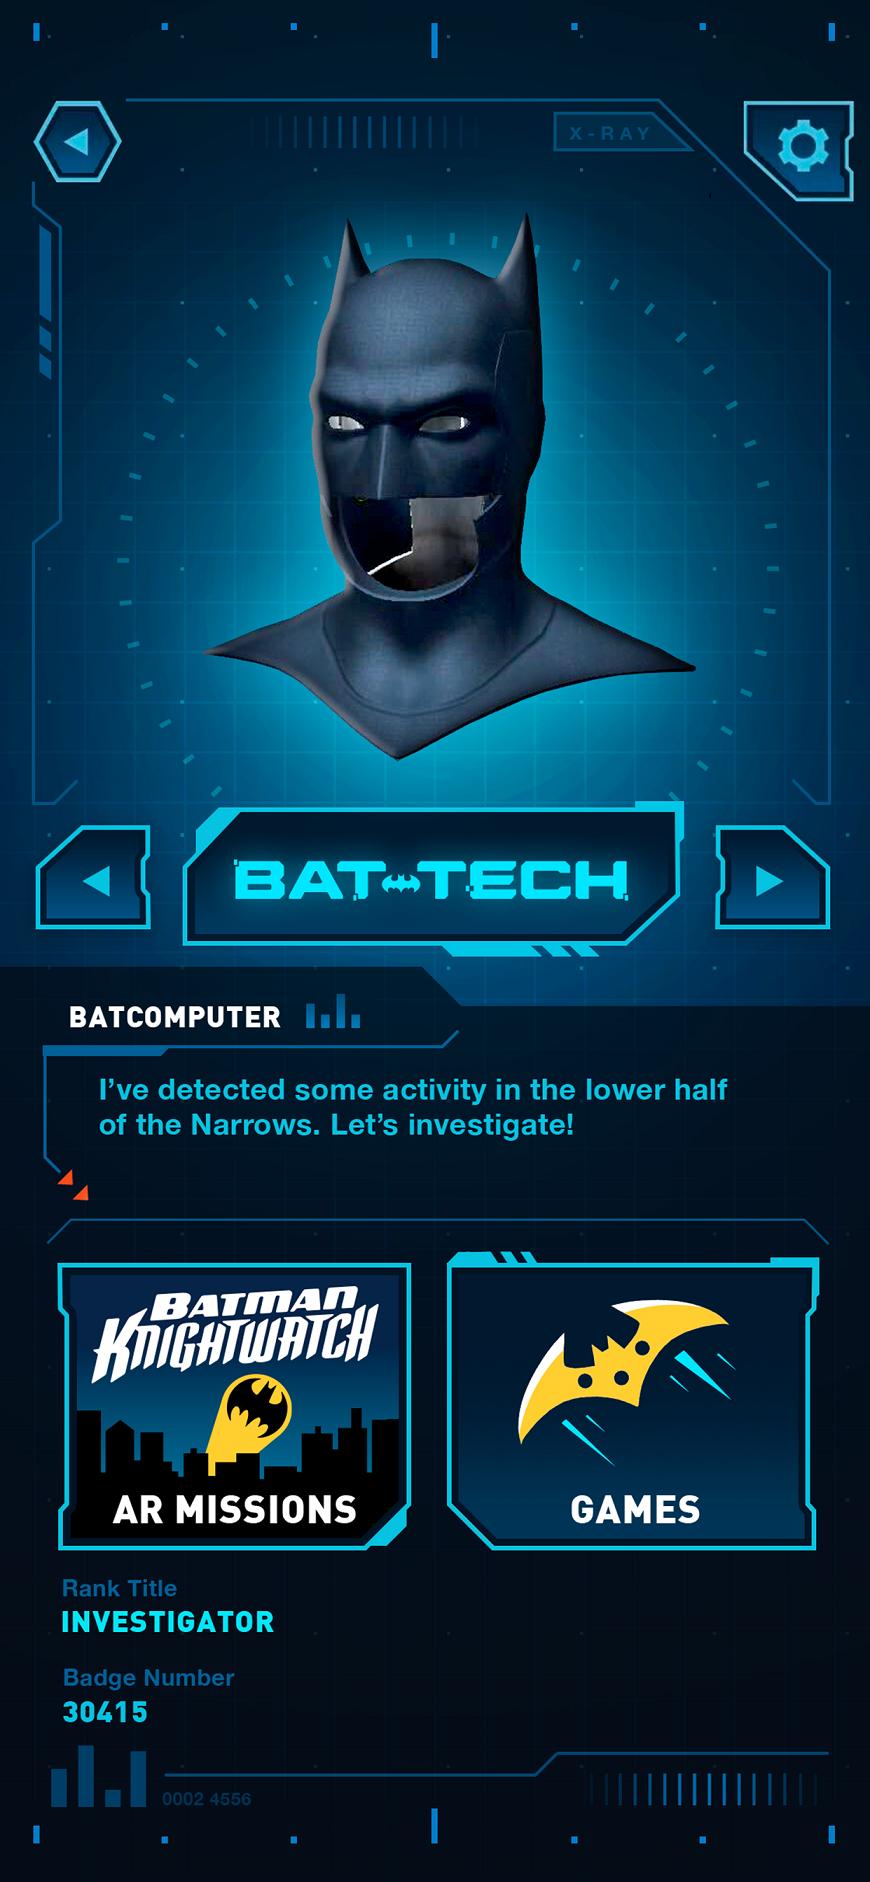 Batman Bat-Tech Edition de DC cumple con la normativa COPPA